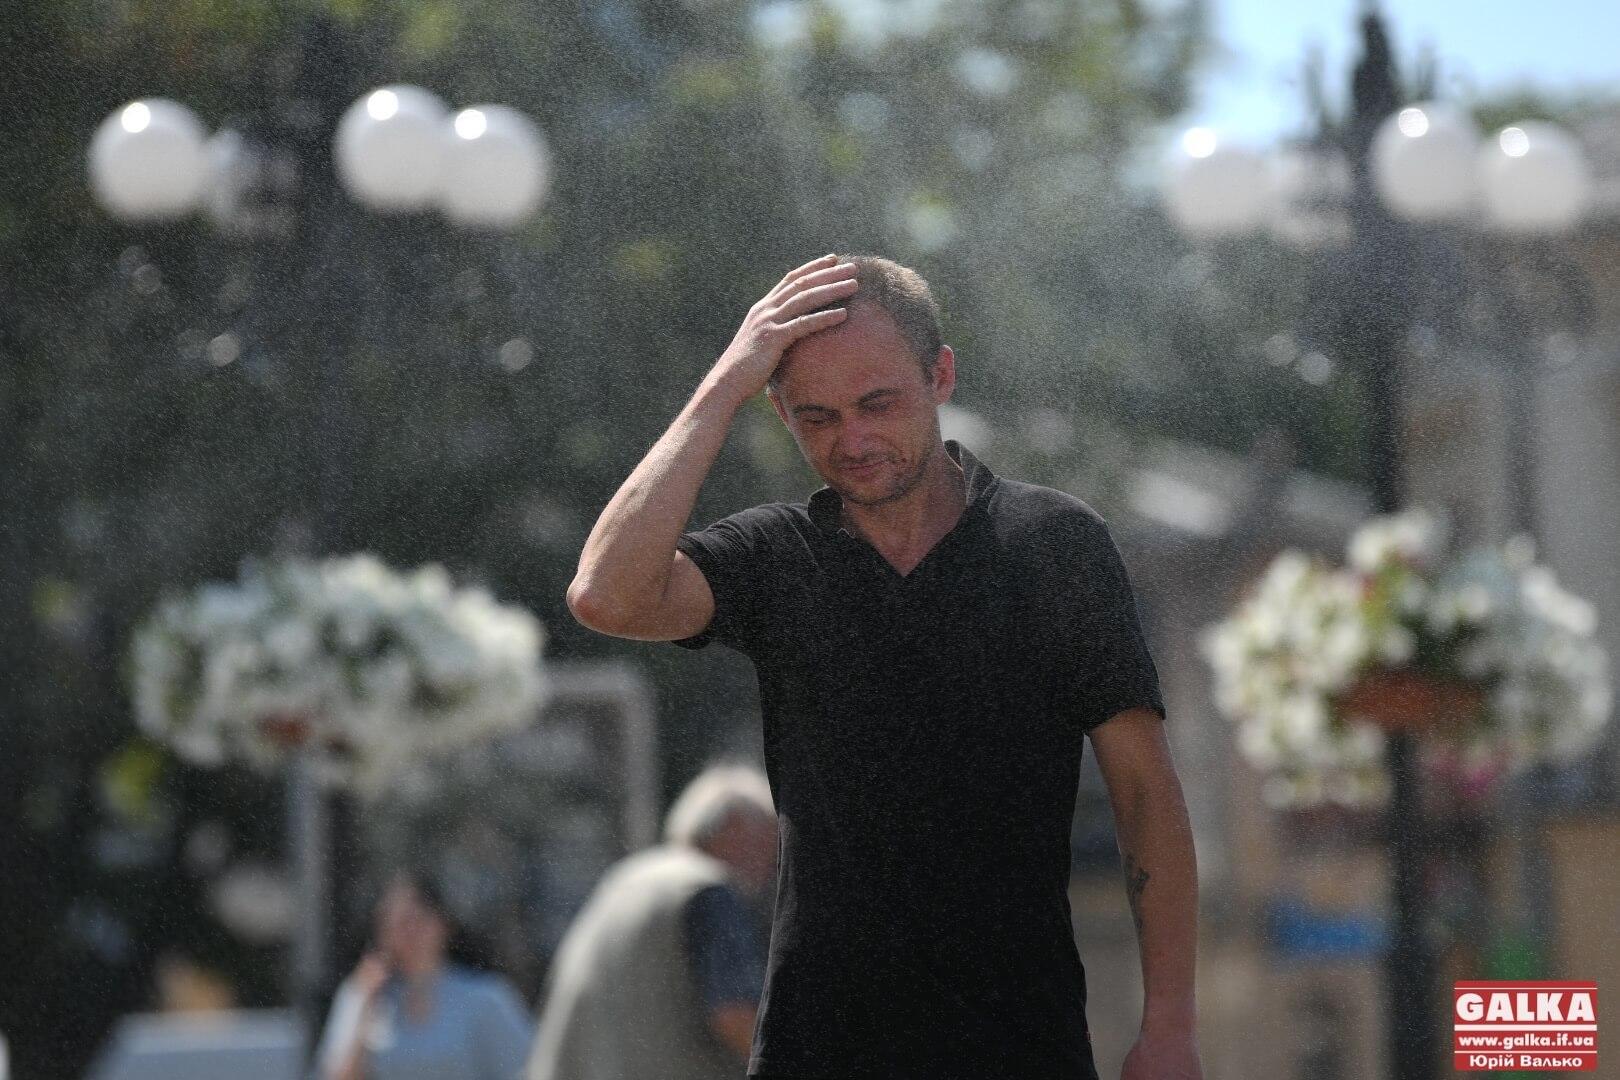 Порятунок у спеку: як франківці тішаться зволожуючій парасольці під Ратушею (ФОТО)